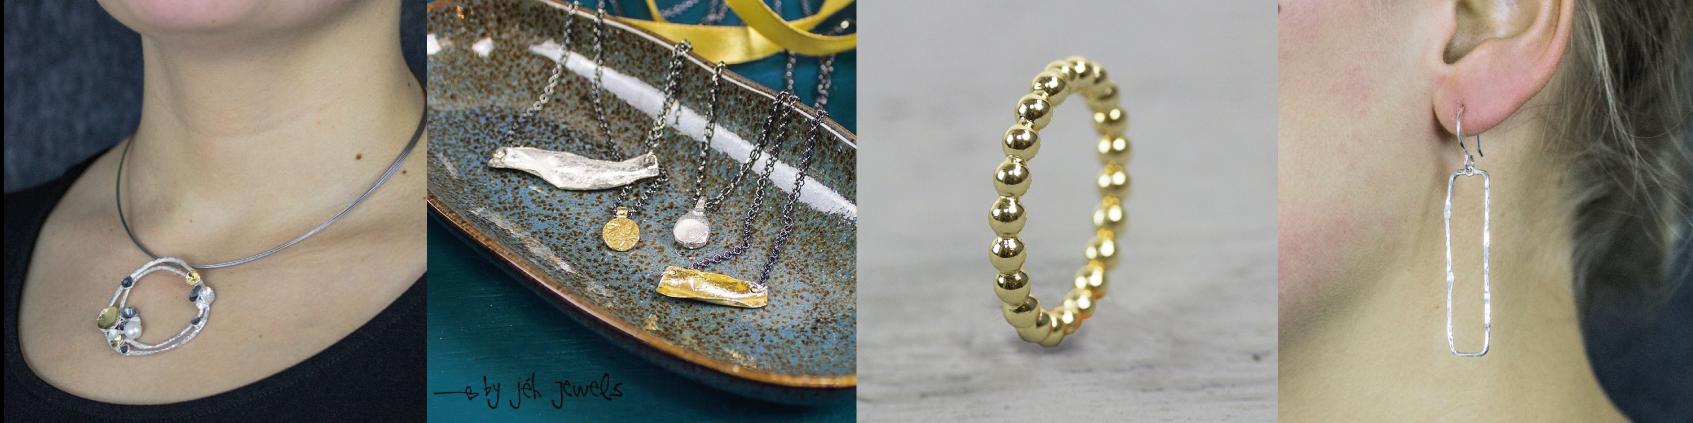 Jeh-Jewels-oorsierraden,-hangers,-ringen,-colliers-verkooppunt-Wolters-Juweliers-Coevorden-Emmen